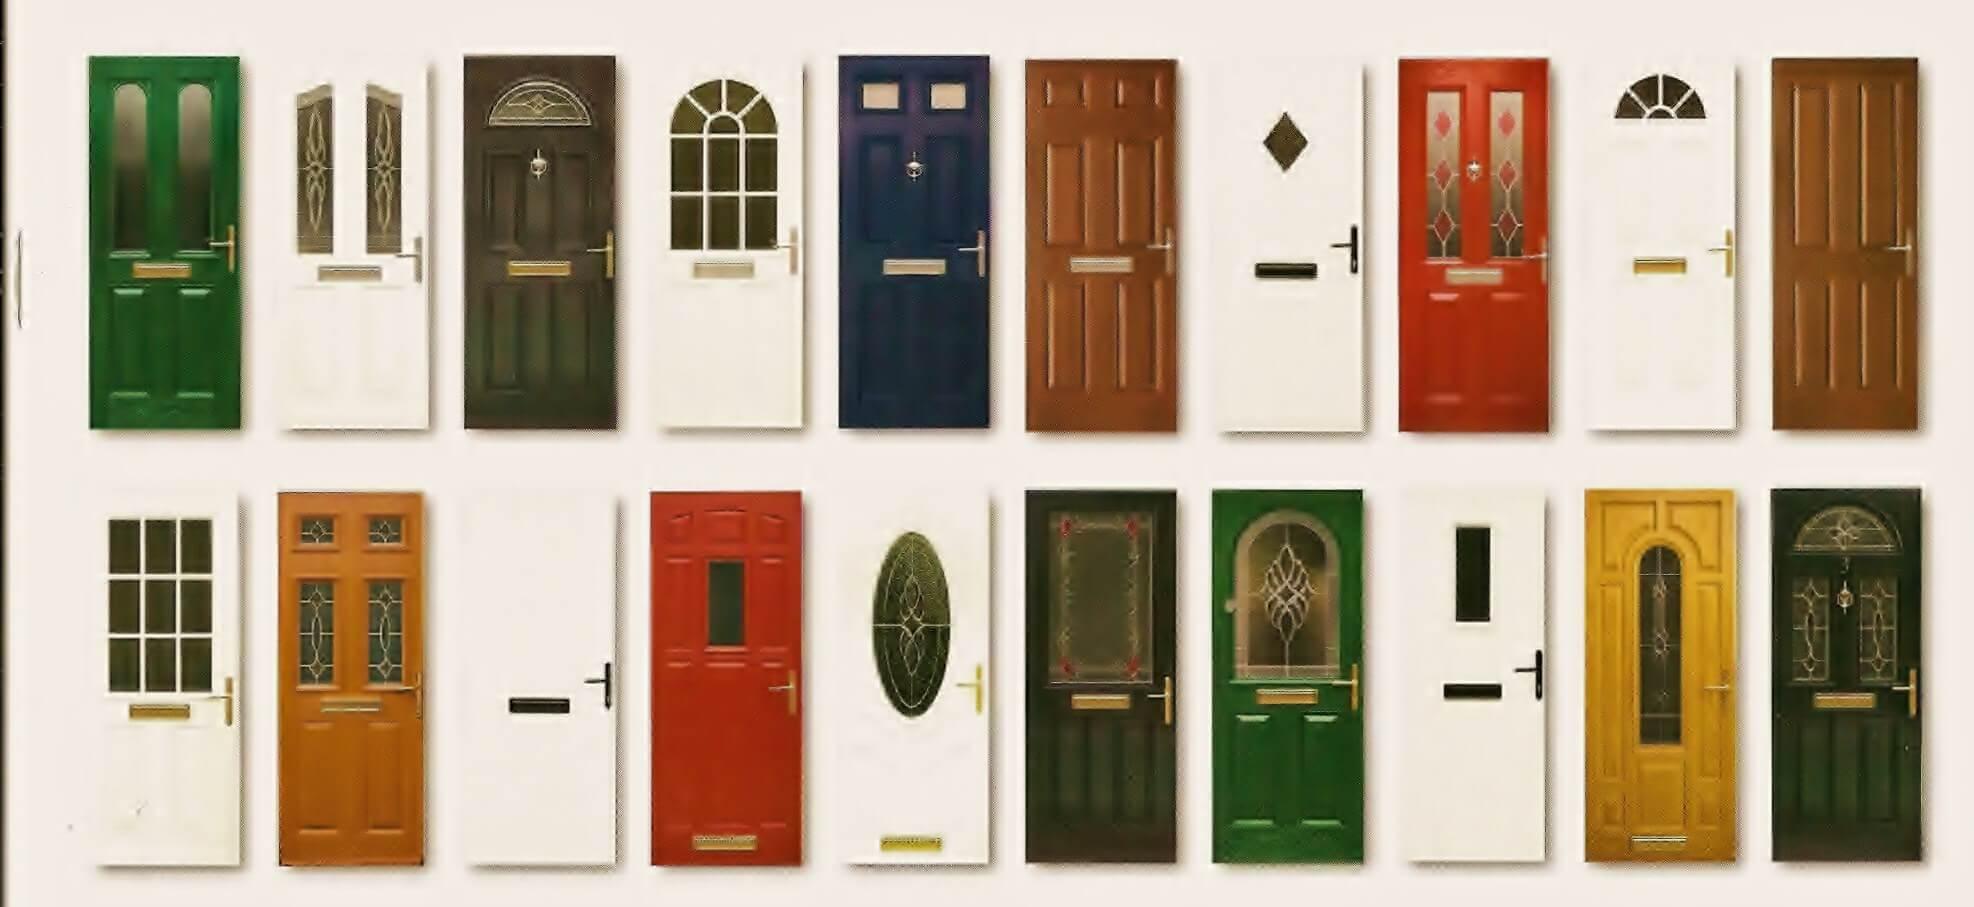 Τεστ προσωπικότητας - Πολλές διαφορετικές πόρτες